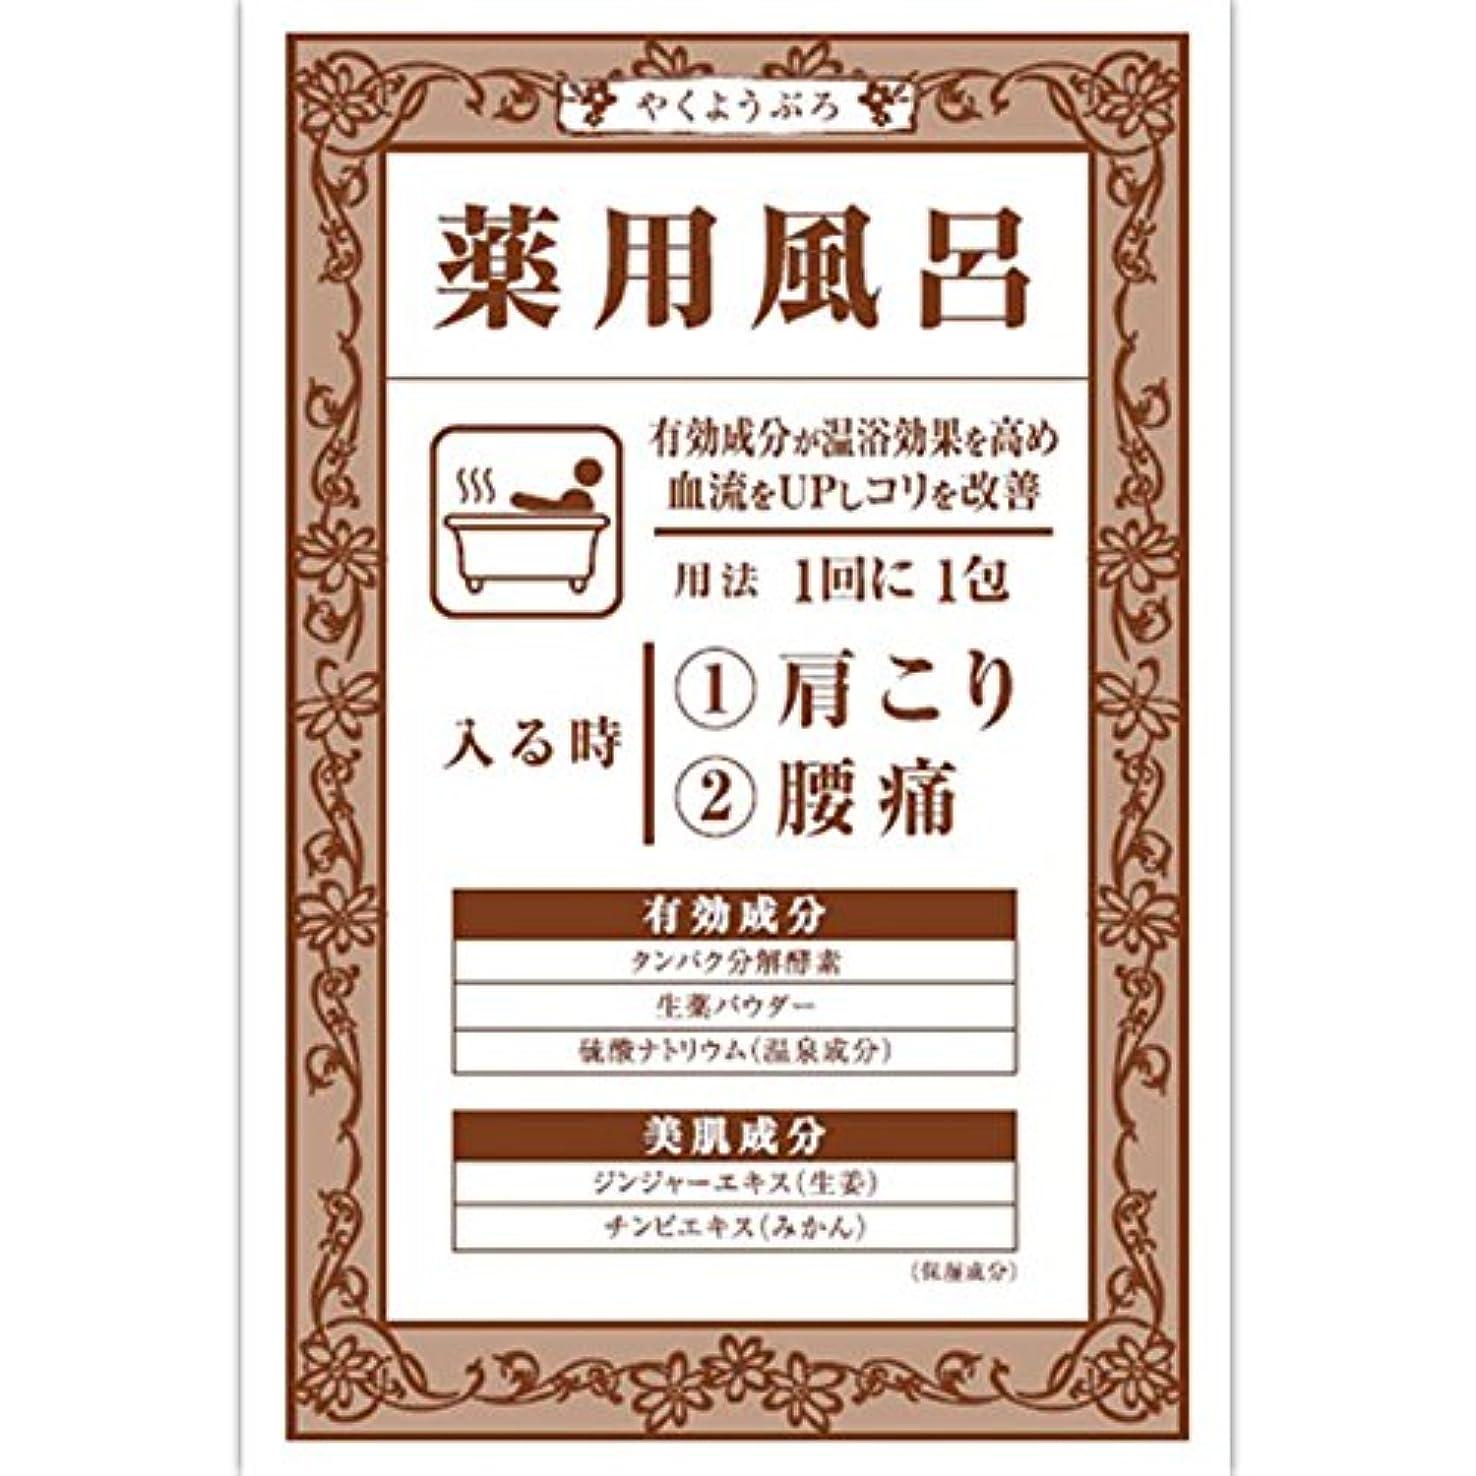 プレフィックス踊り子果てしない大山 薬用風呂KKa(肩こり?腰痛) 40G(医薬部外品)